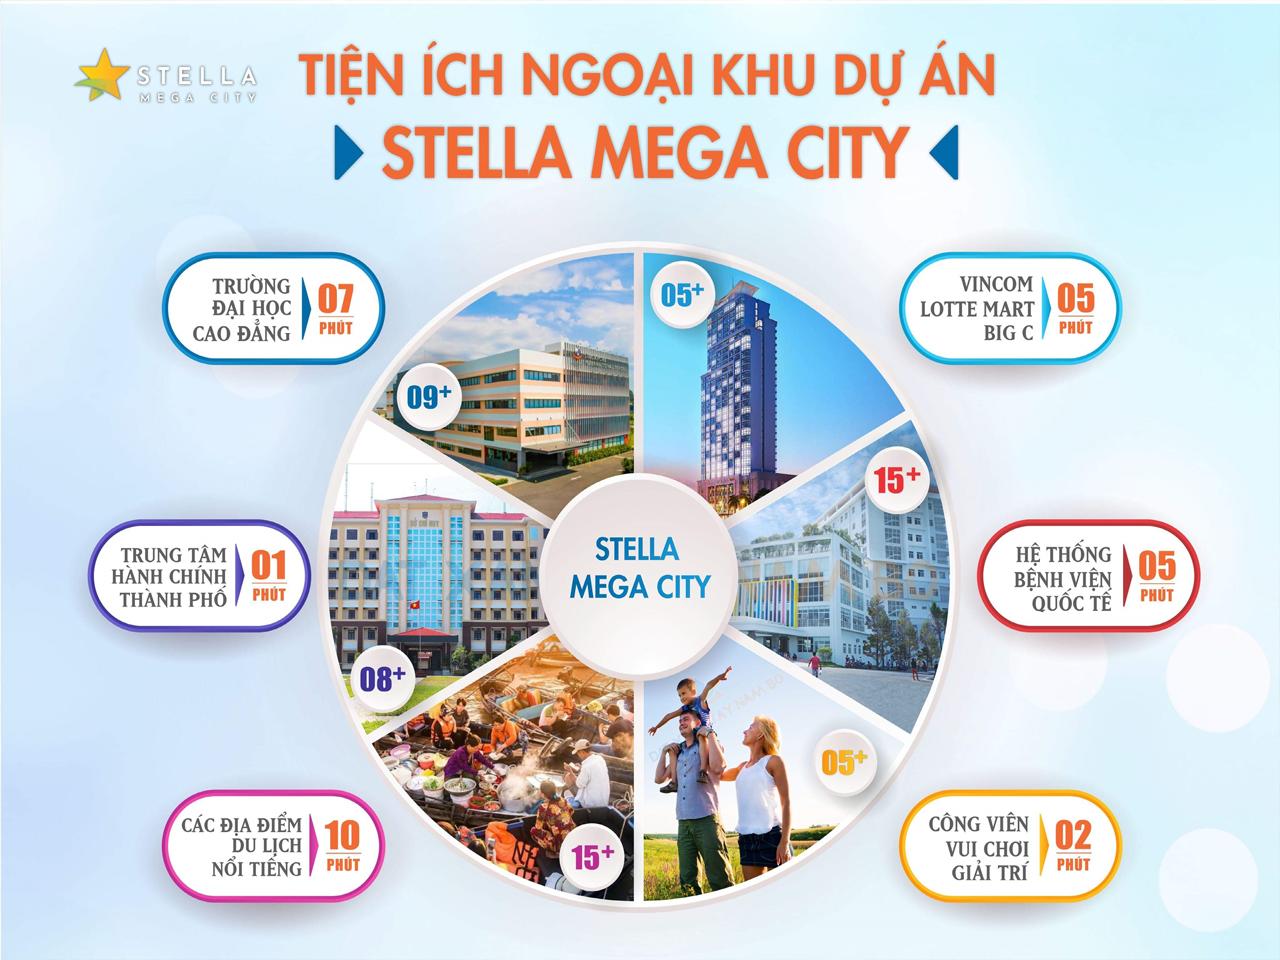 Tiện ích ngoại khu Stella Mega City